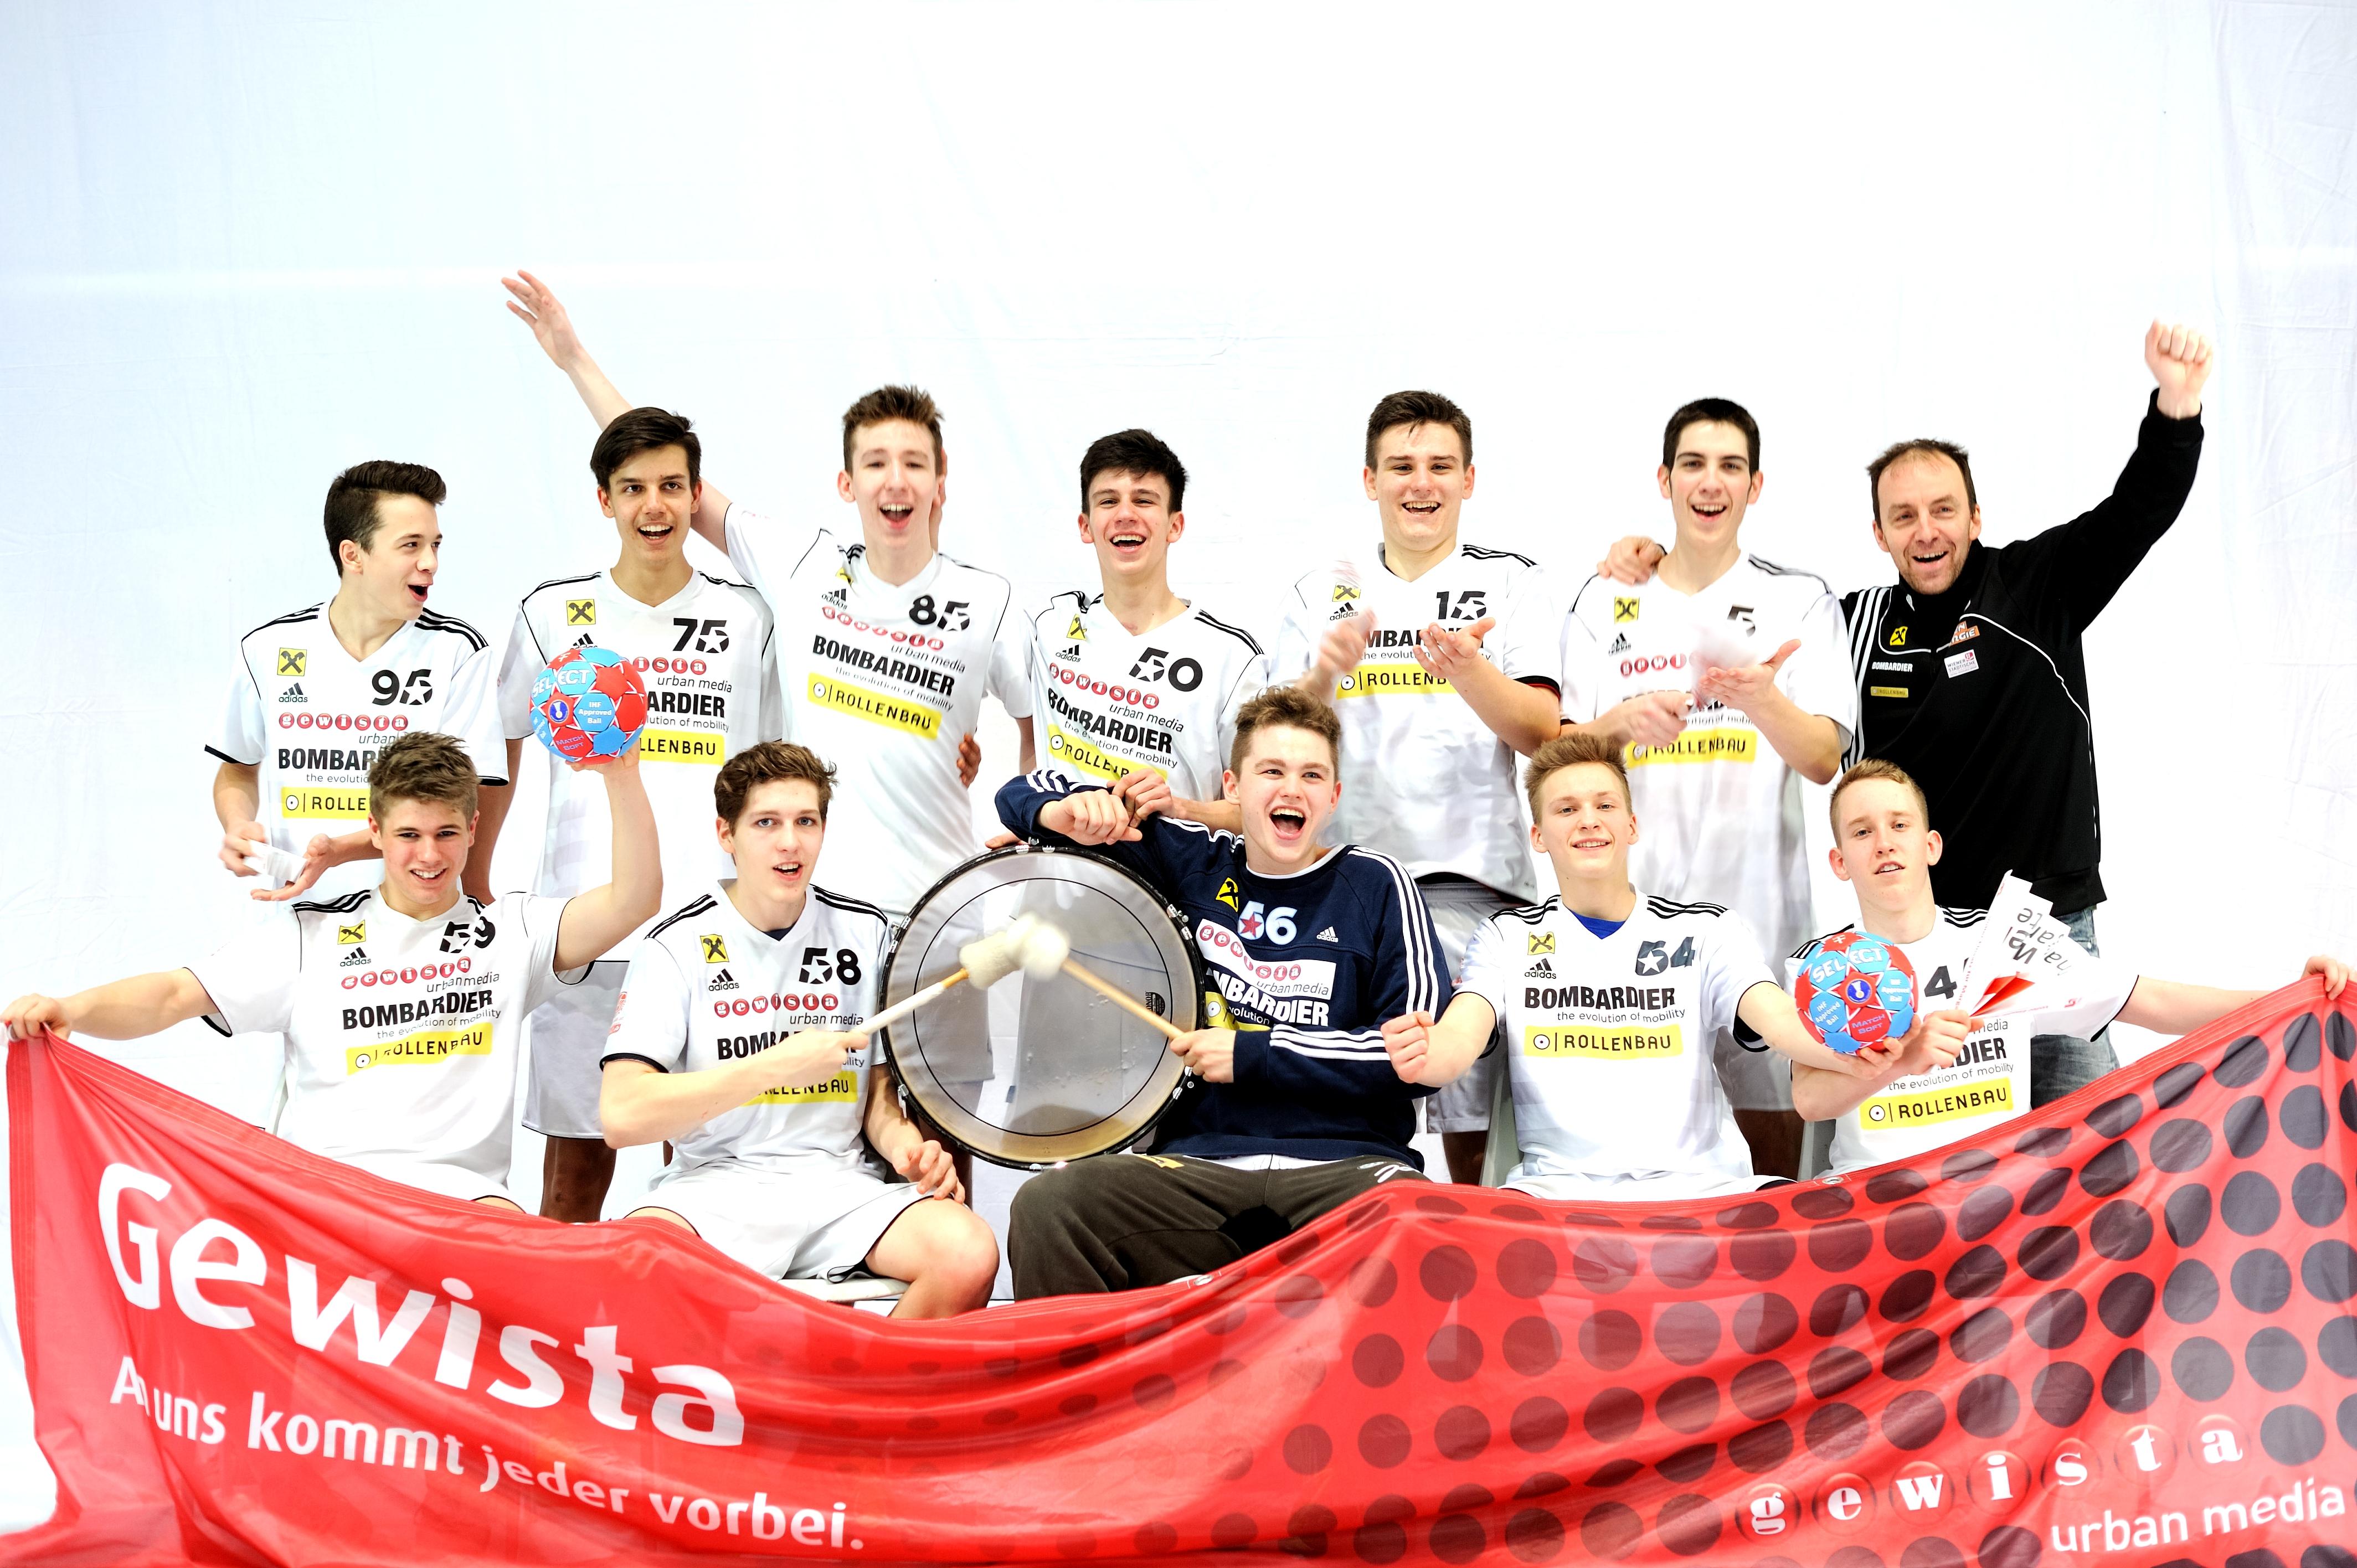 U15 mit Pate_GEWISTA_Saison 2014-15